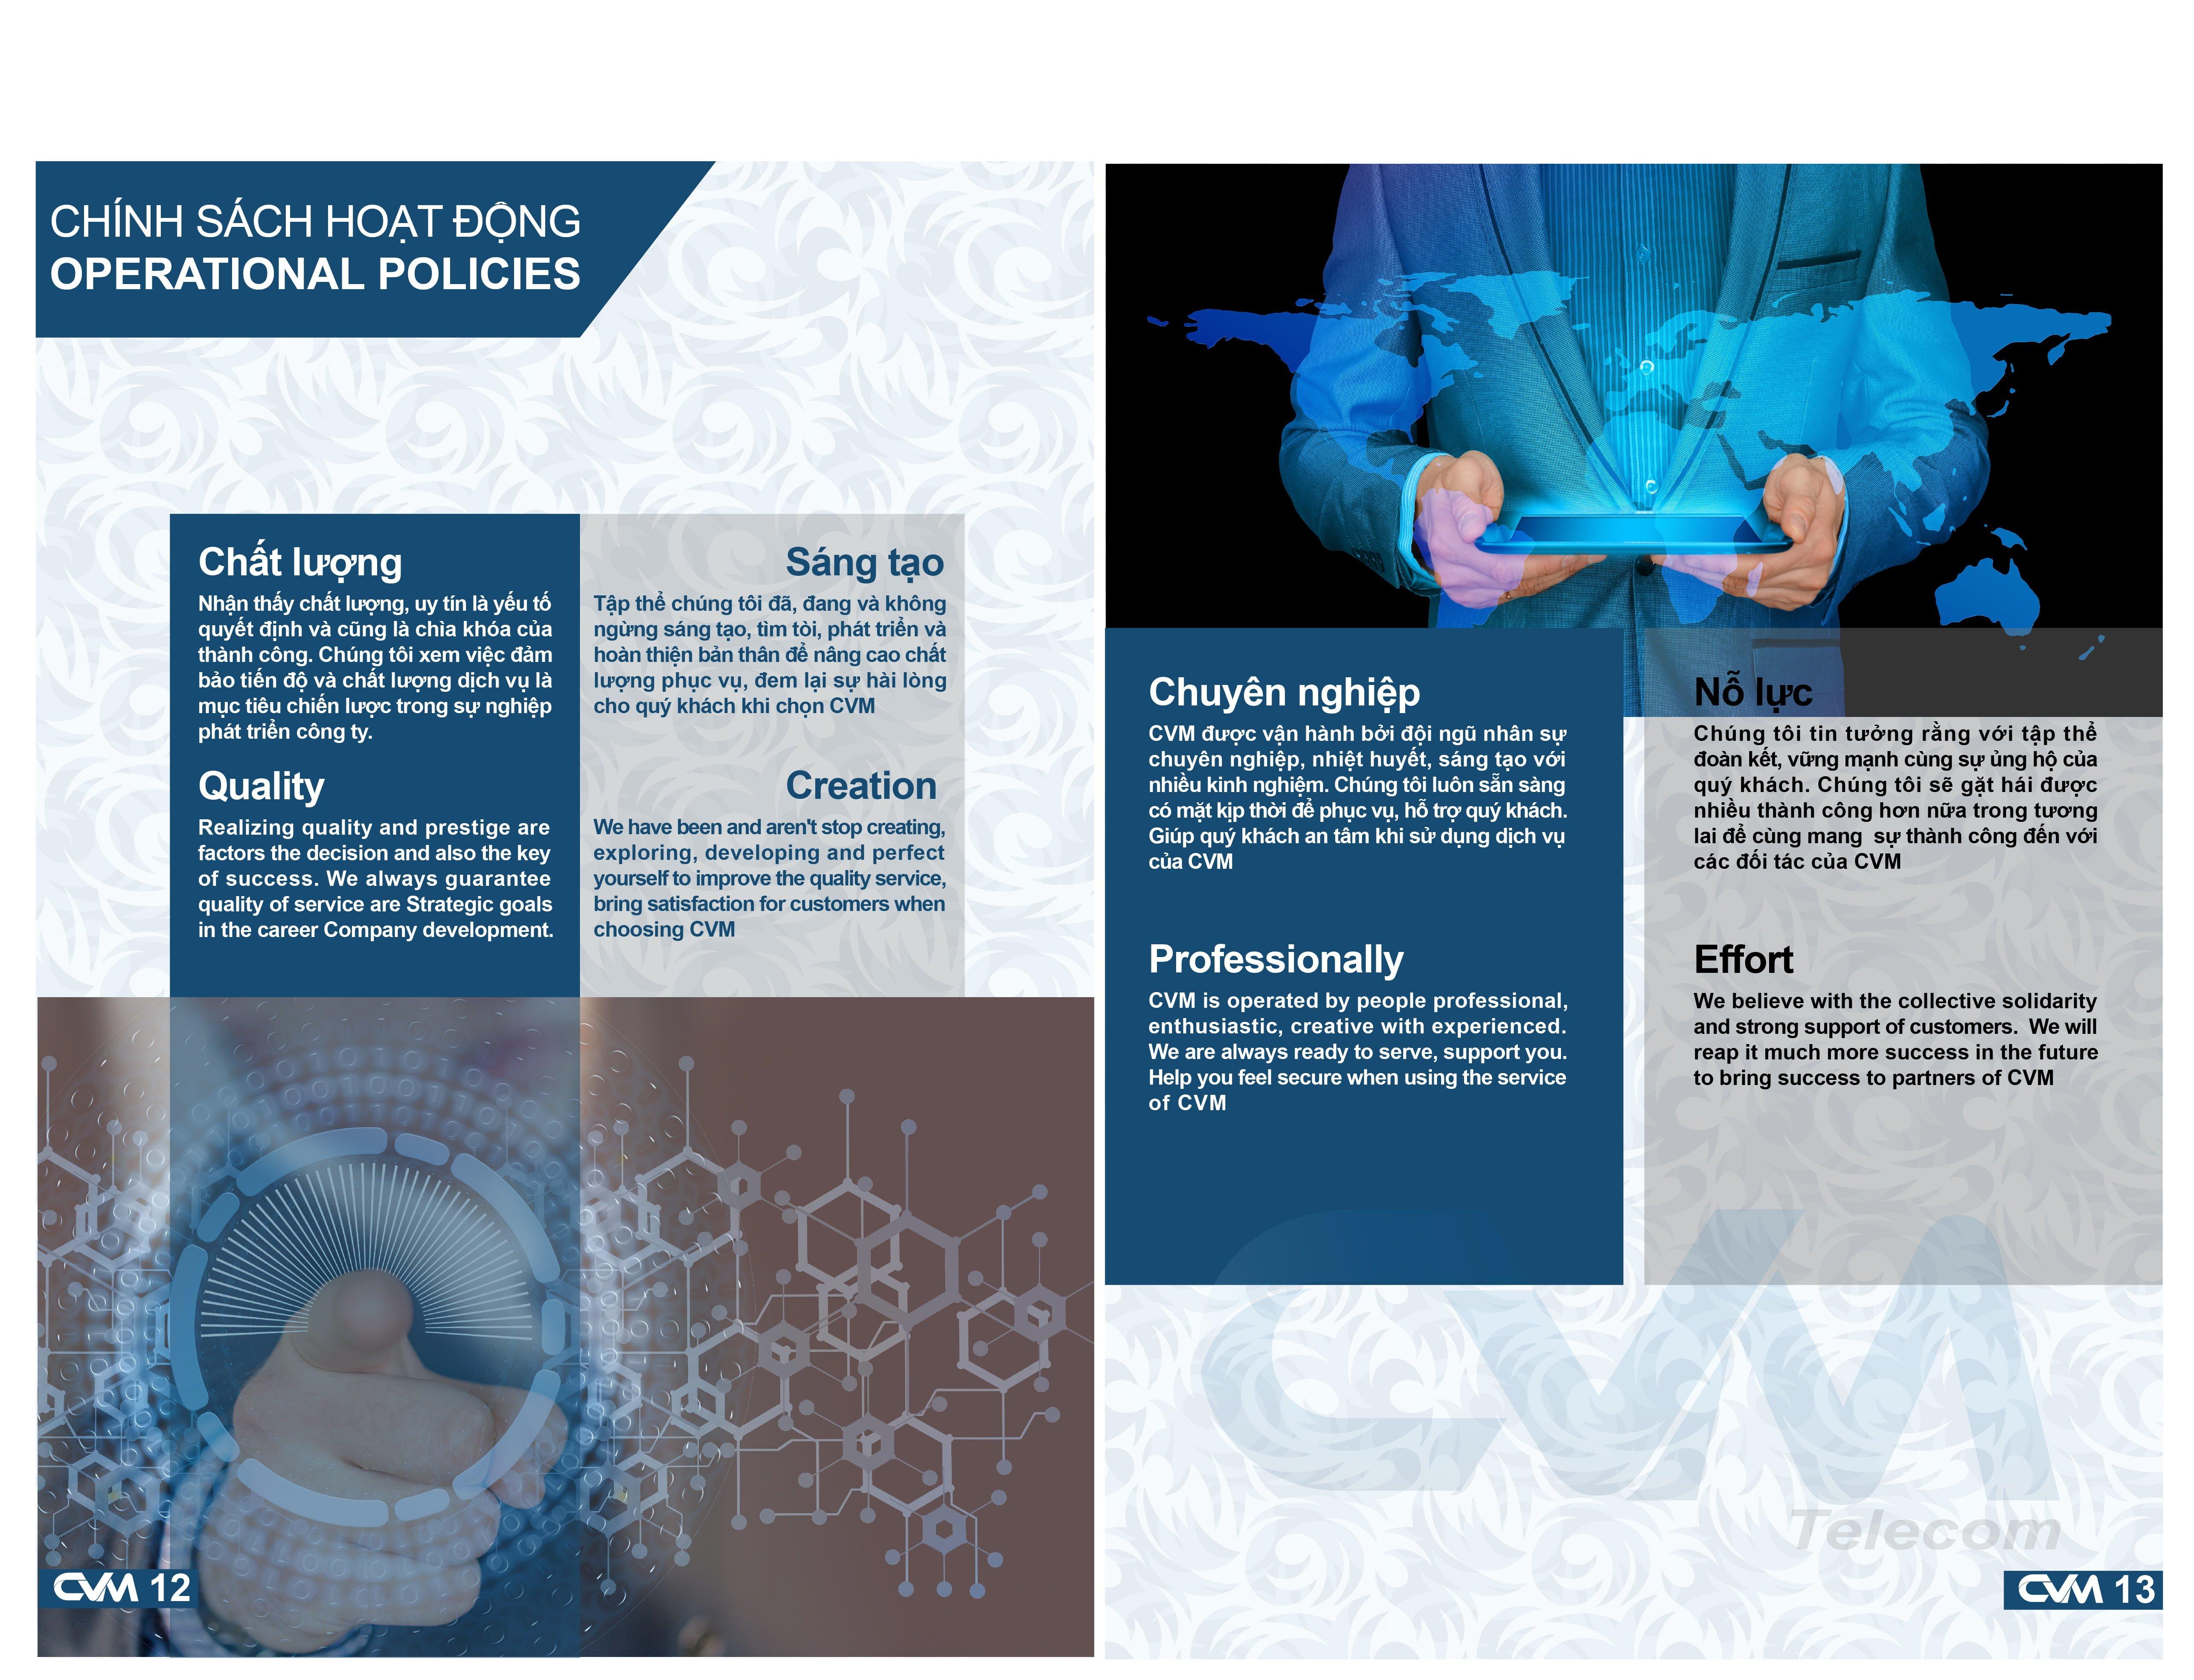 Chính sách hoạt động của CVM Telecom